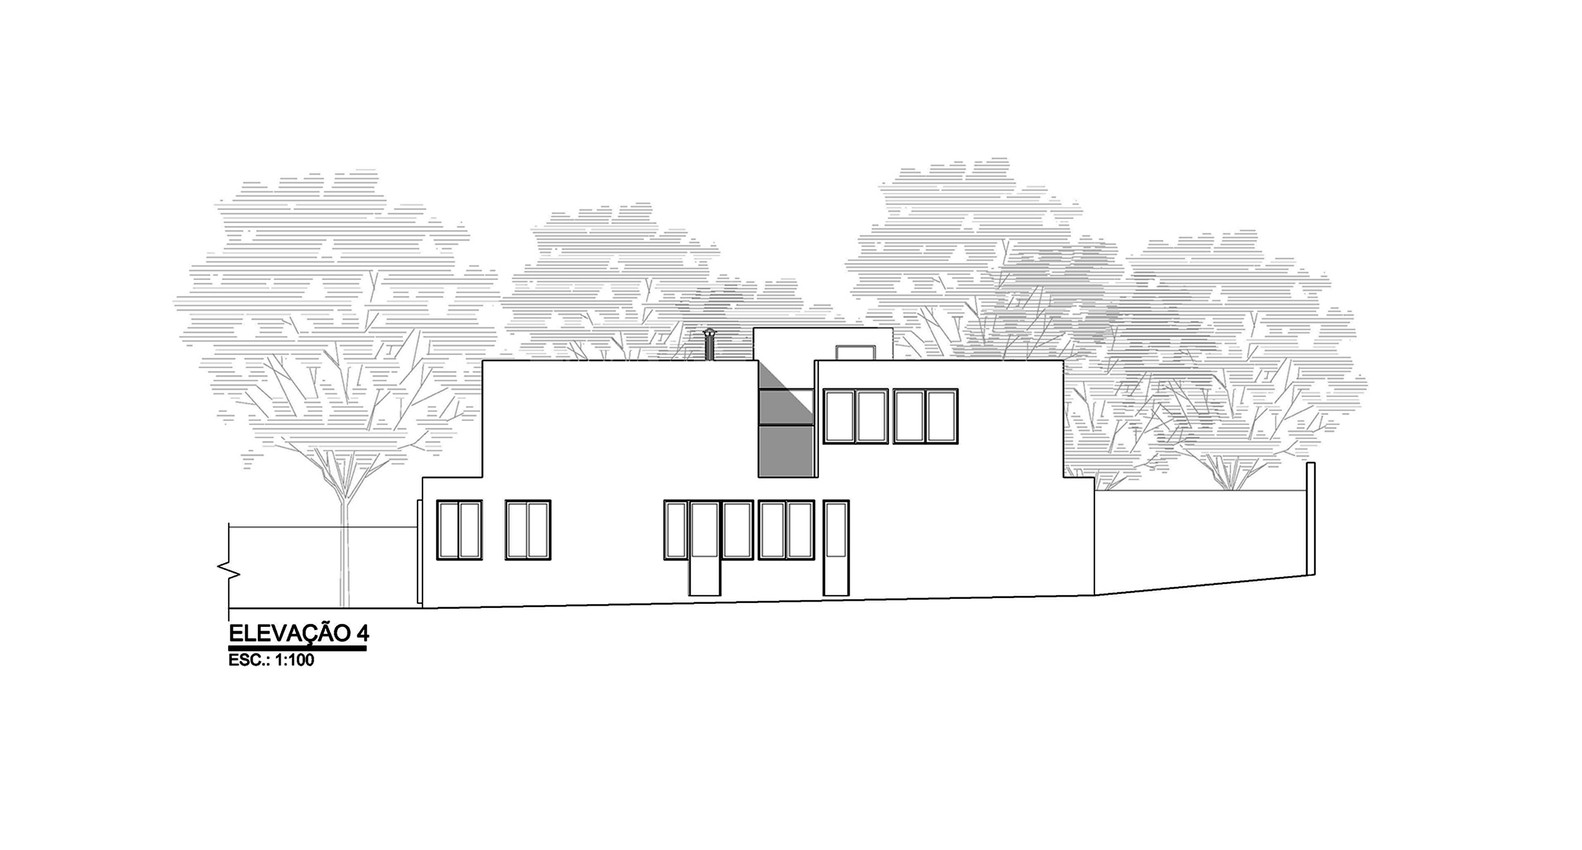 Morumbi Residence,Elevation